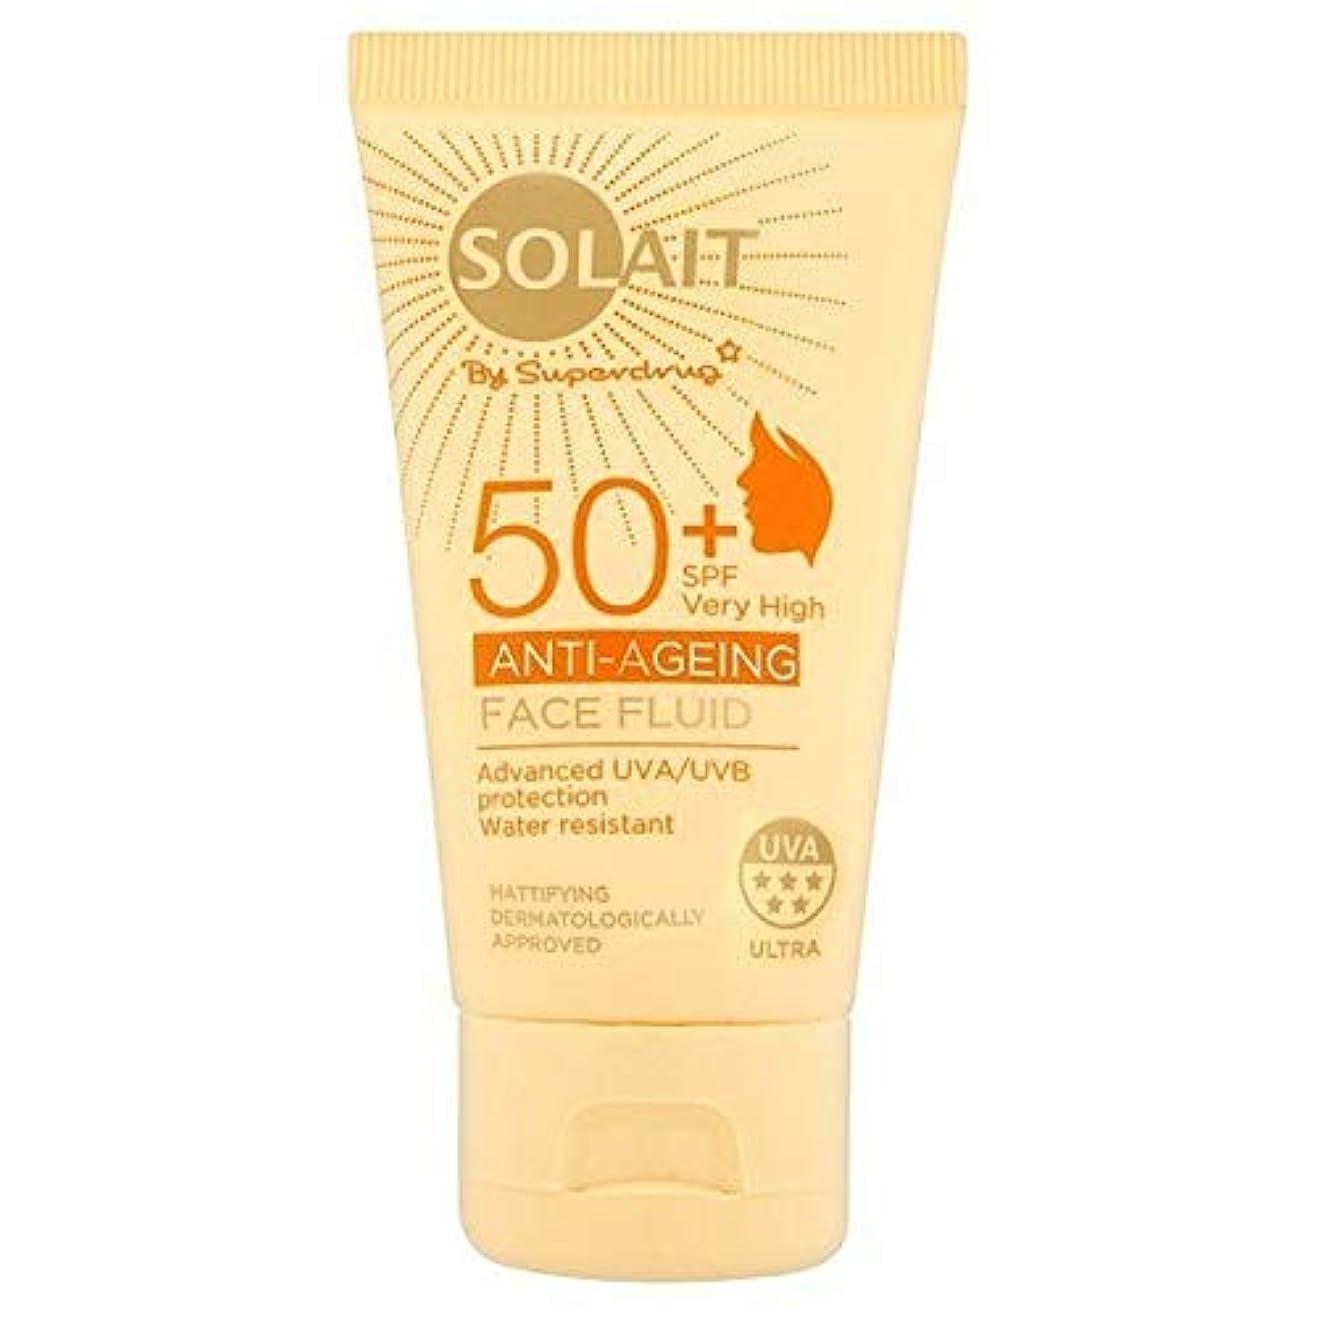 広がり懐疑論ジャンル[Solait] Solait顔日クリームSpf50液の50ミリリットル - Solait Face Sun Cream Fluid SPF50 50ml [並行輸入品]